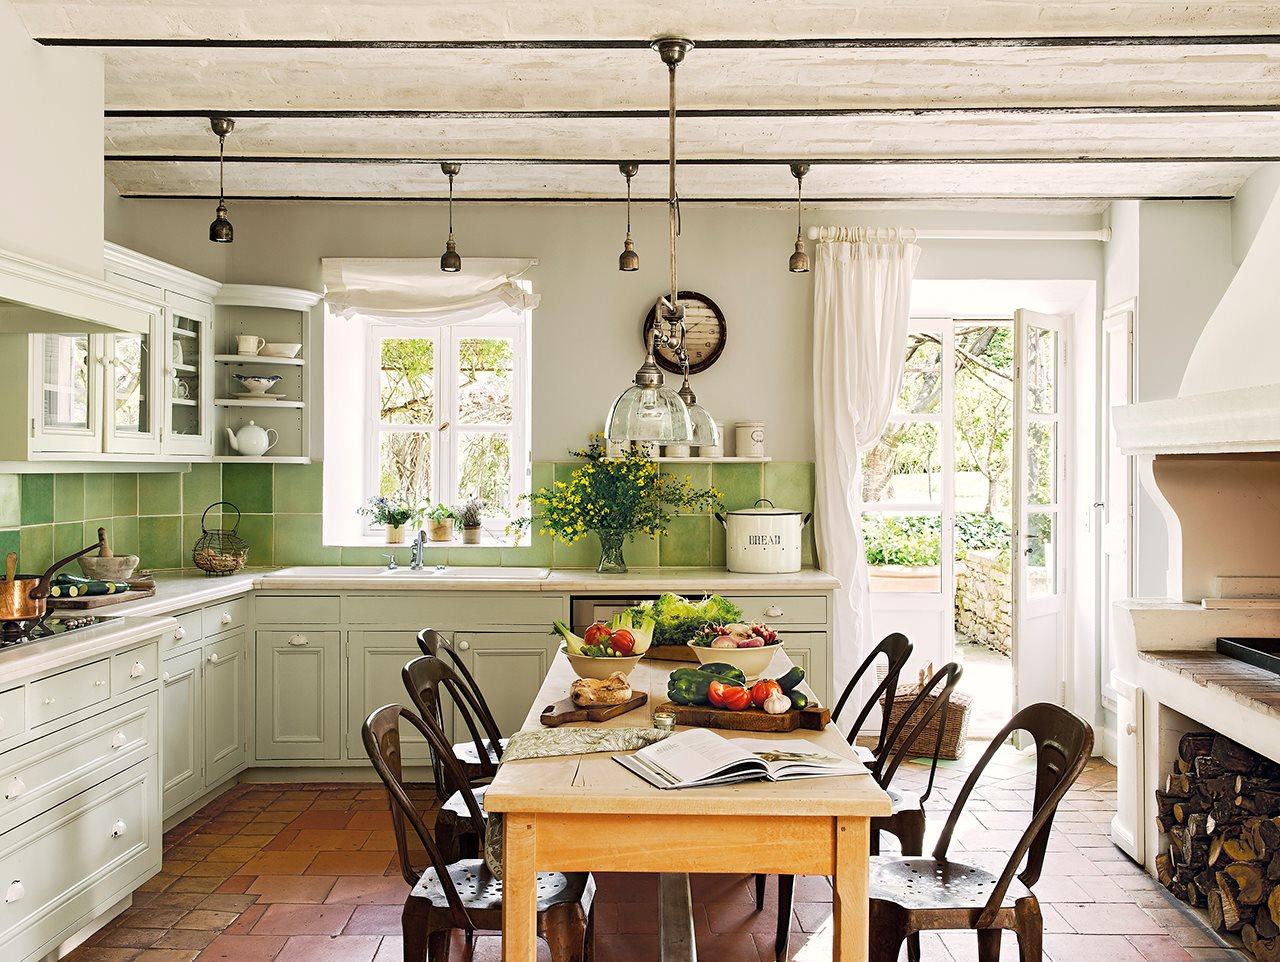 расцветет прекрасный оформление кухни на даче фото семафора связисты будут